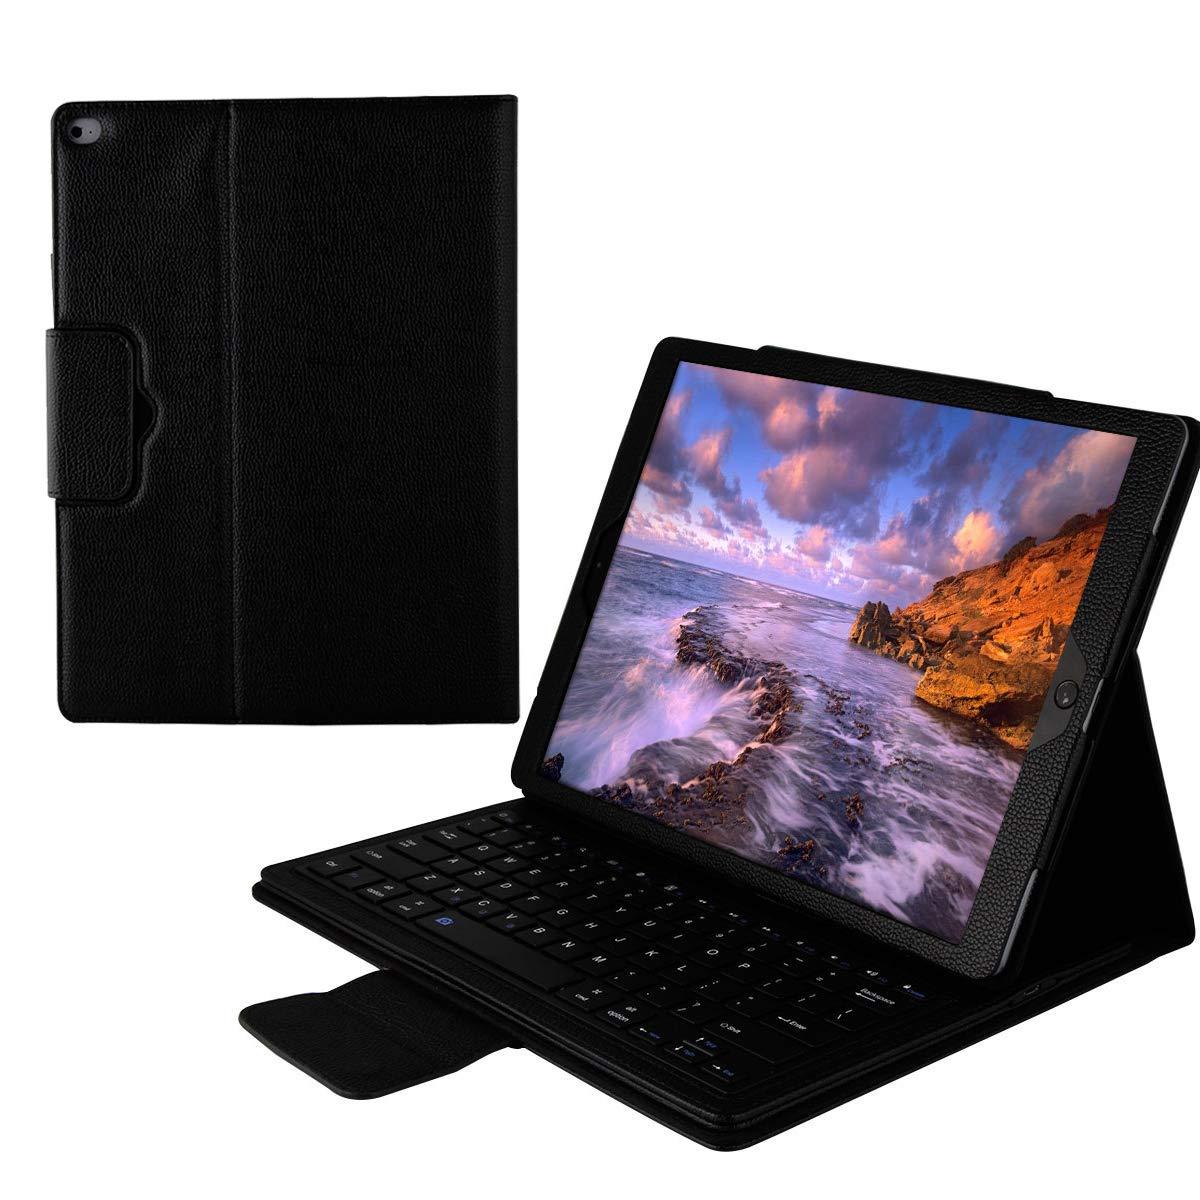 zukabmwus iPad Pro 12.9タブレットレザーケースセット ワイヤレスUSAキーボード付き 丈夫なバックカバー タブレットフリップケースカバー iPad Pro 12.9タブレットシェル キーボード付き (レッド), ブラック, 1504-Z8-698  ブラック B07MSM1SQP, DryBones Online Shop 8fbef3a5